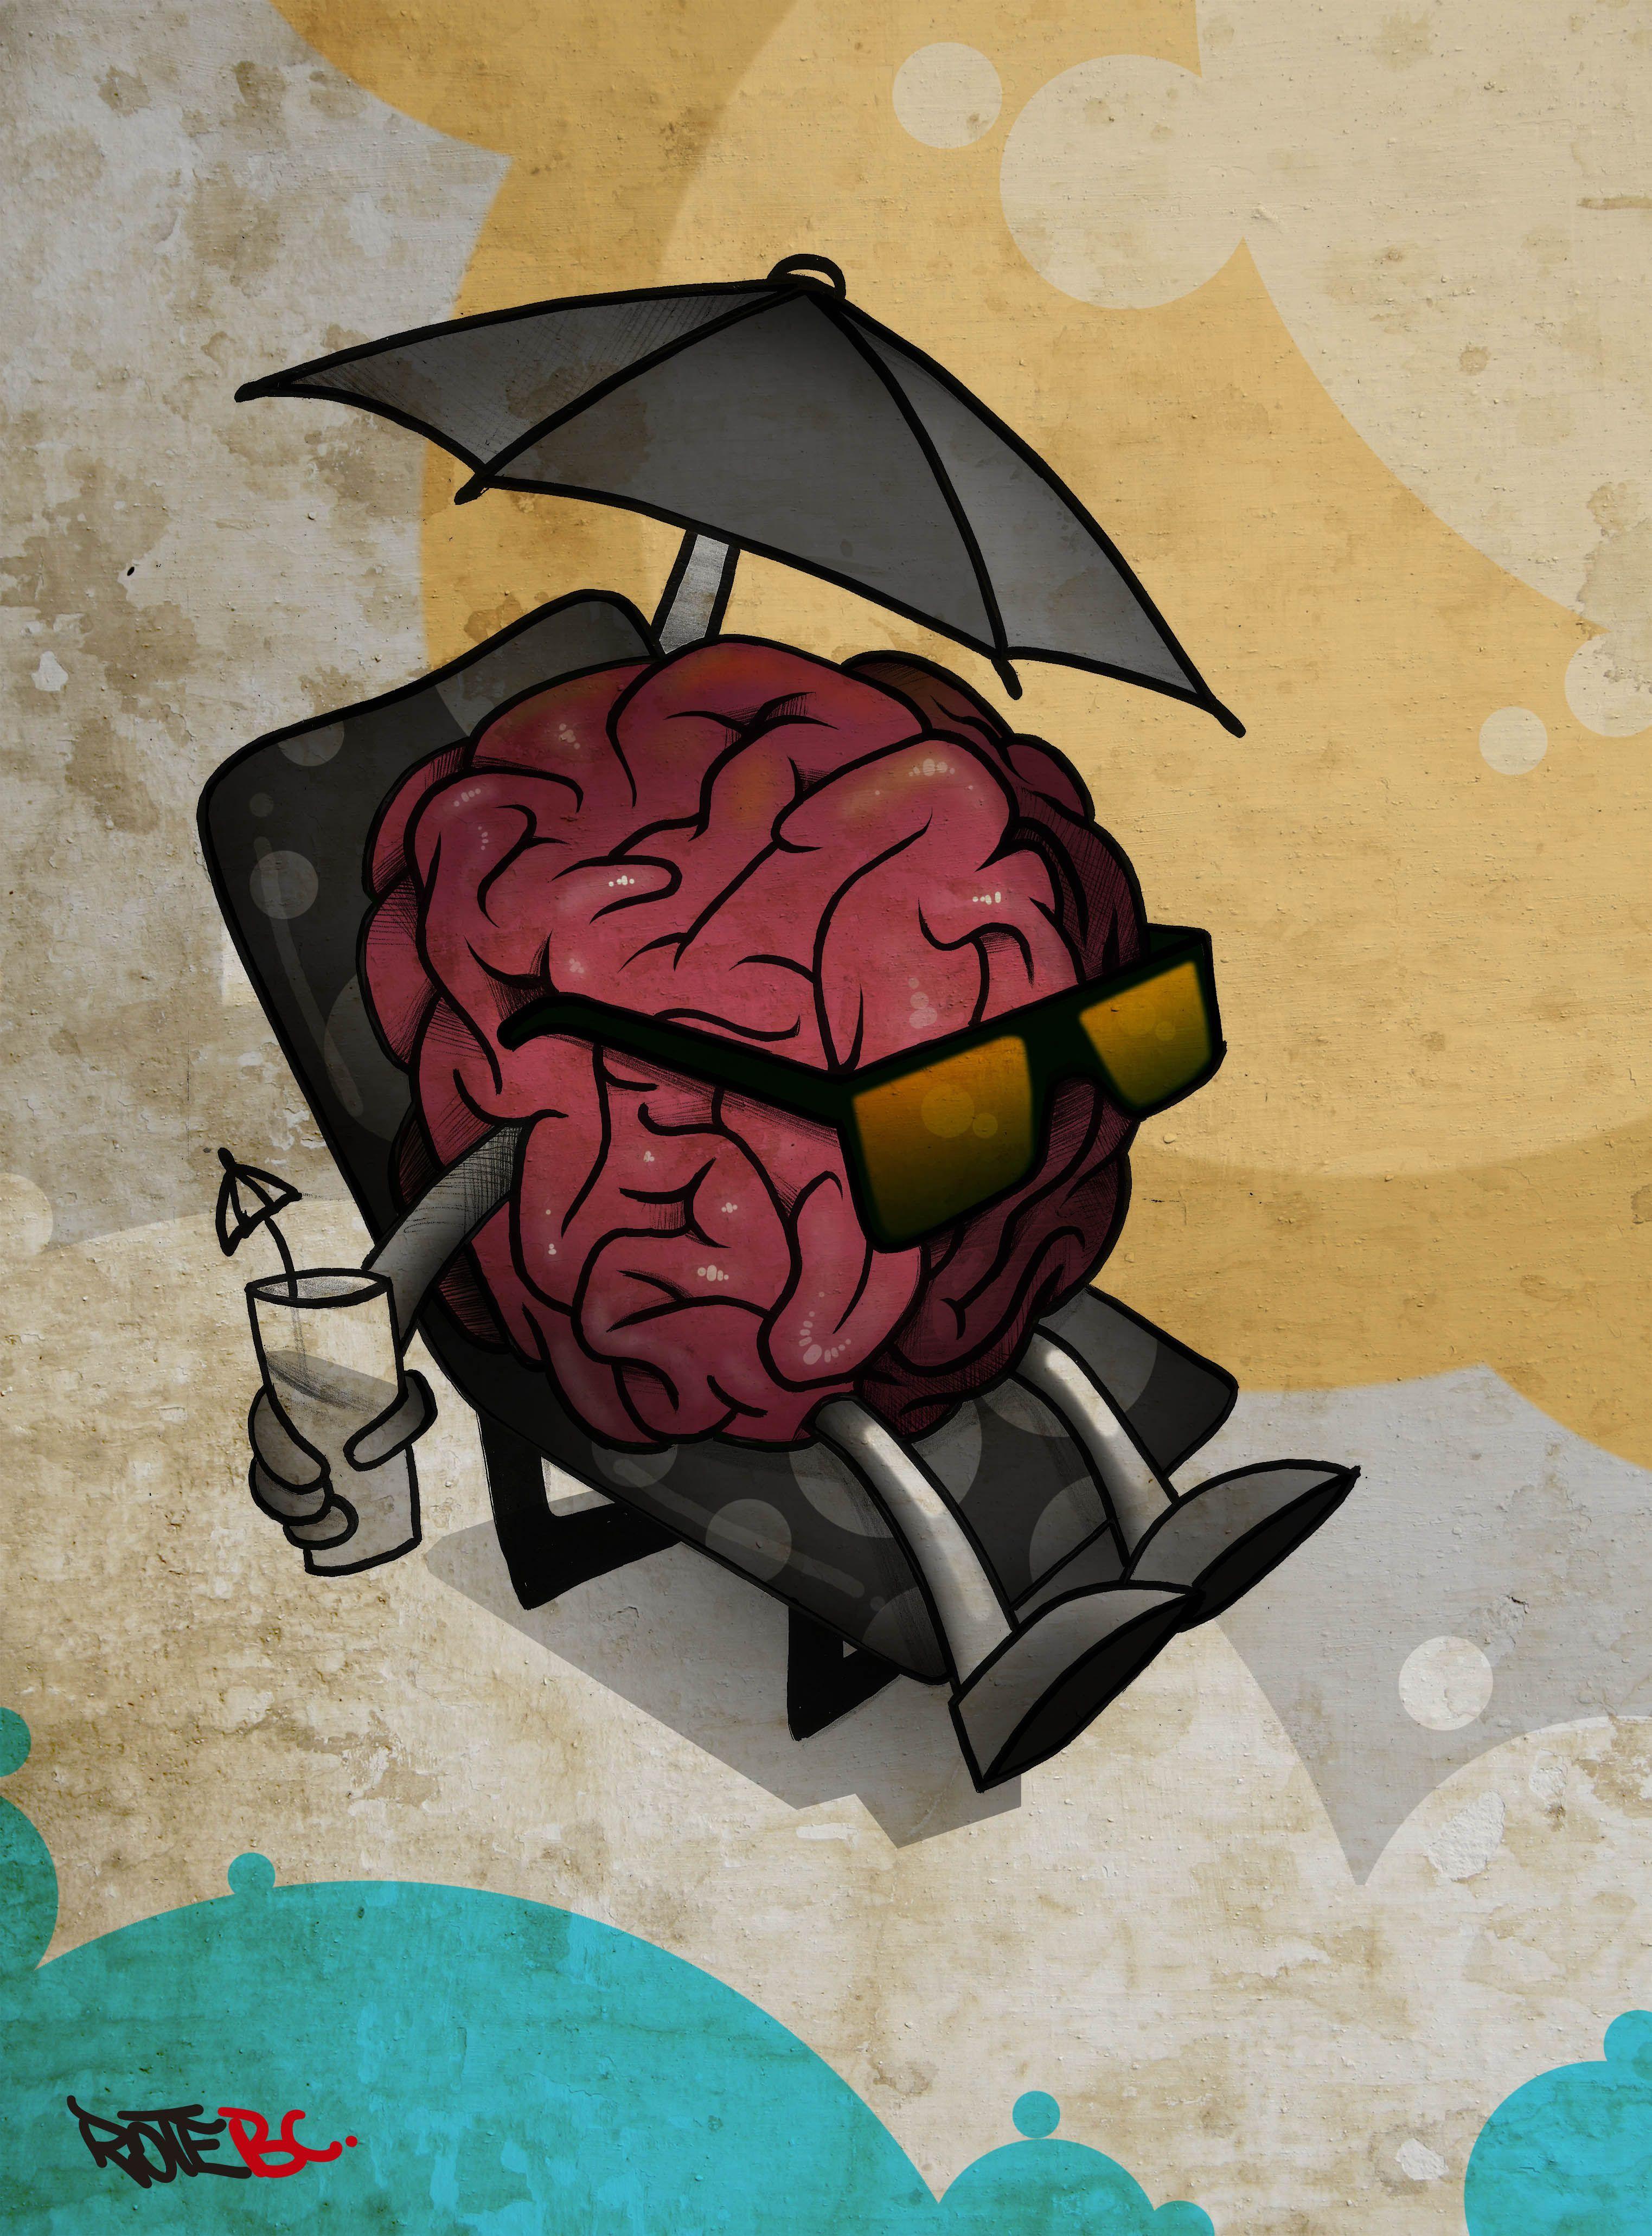 """Jà que o álbum do mc Gustavo Black saiu vou pegar o gancho e solta a Ilustra """"Cérebro de Férias"""" No Princípio Era o Verbo - Babylon by Gus, Vol. II Download: onerpm.com/album/576656794"""